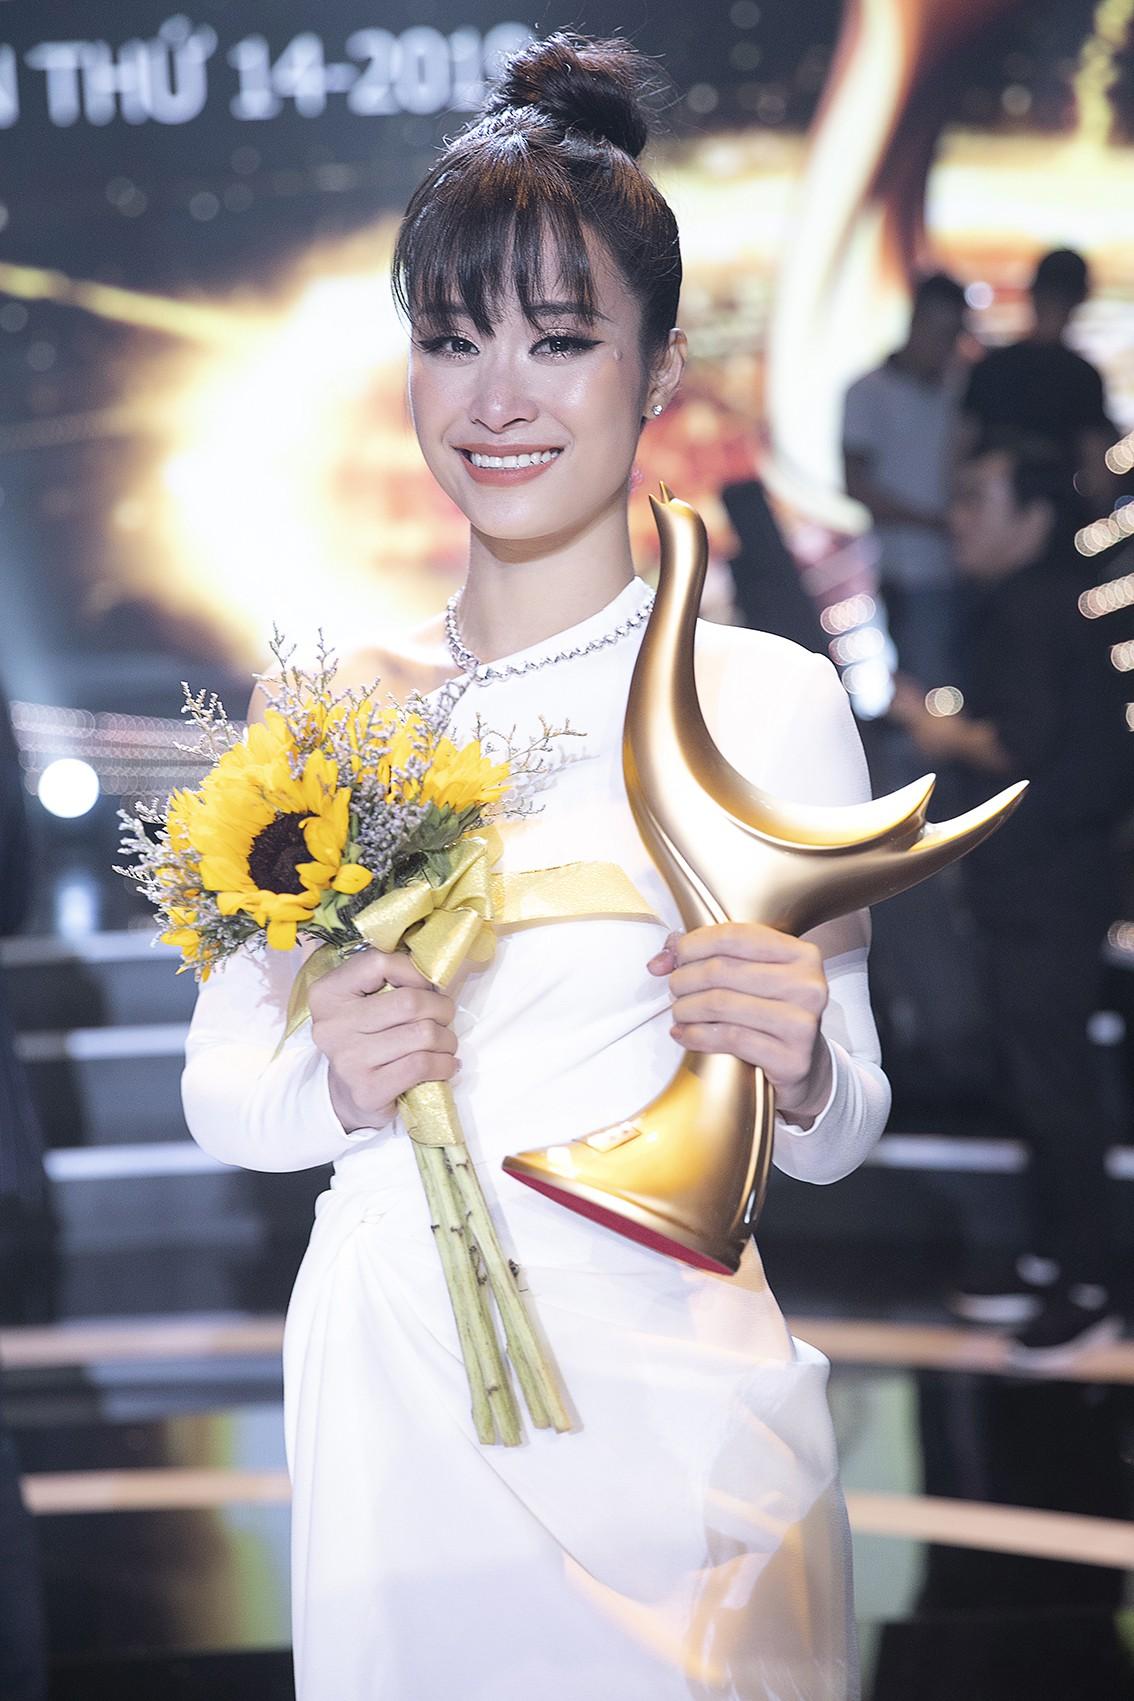 Nhận giải thưởng lớn nhưng hành động của Đông Nhi mới là điều khiến fan tự hào - Ảnh 4.